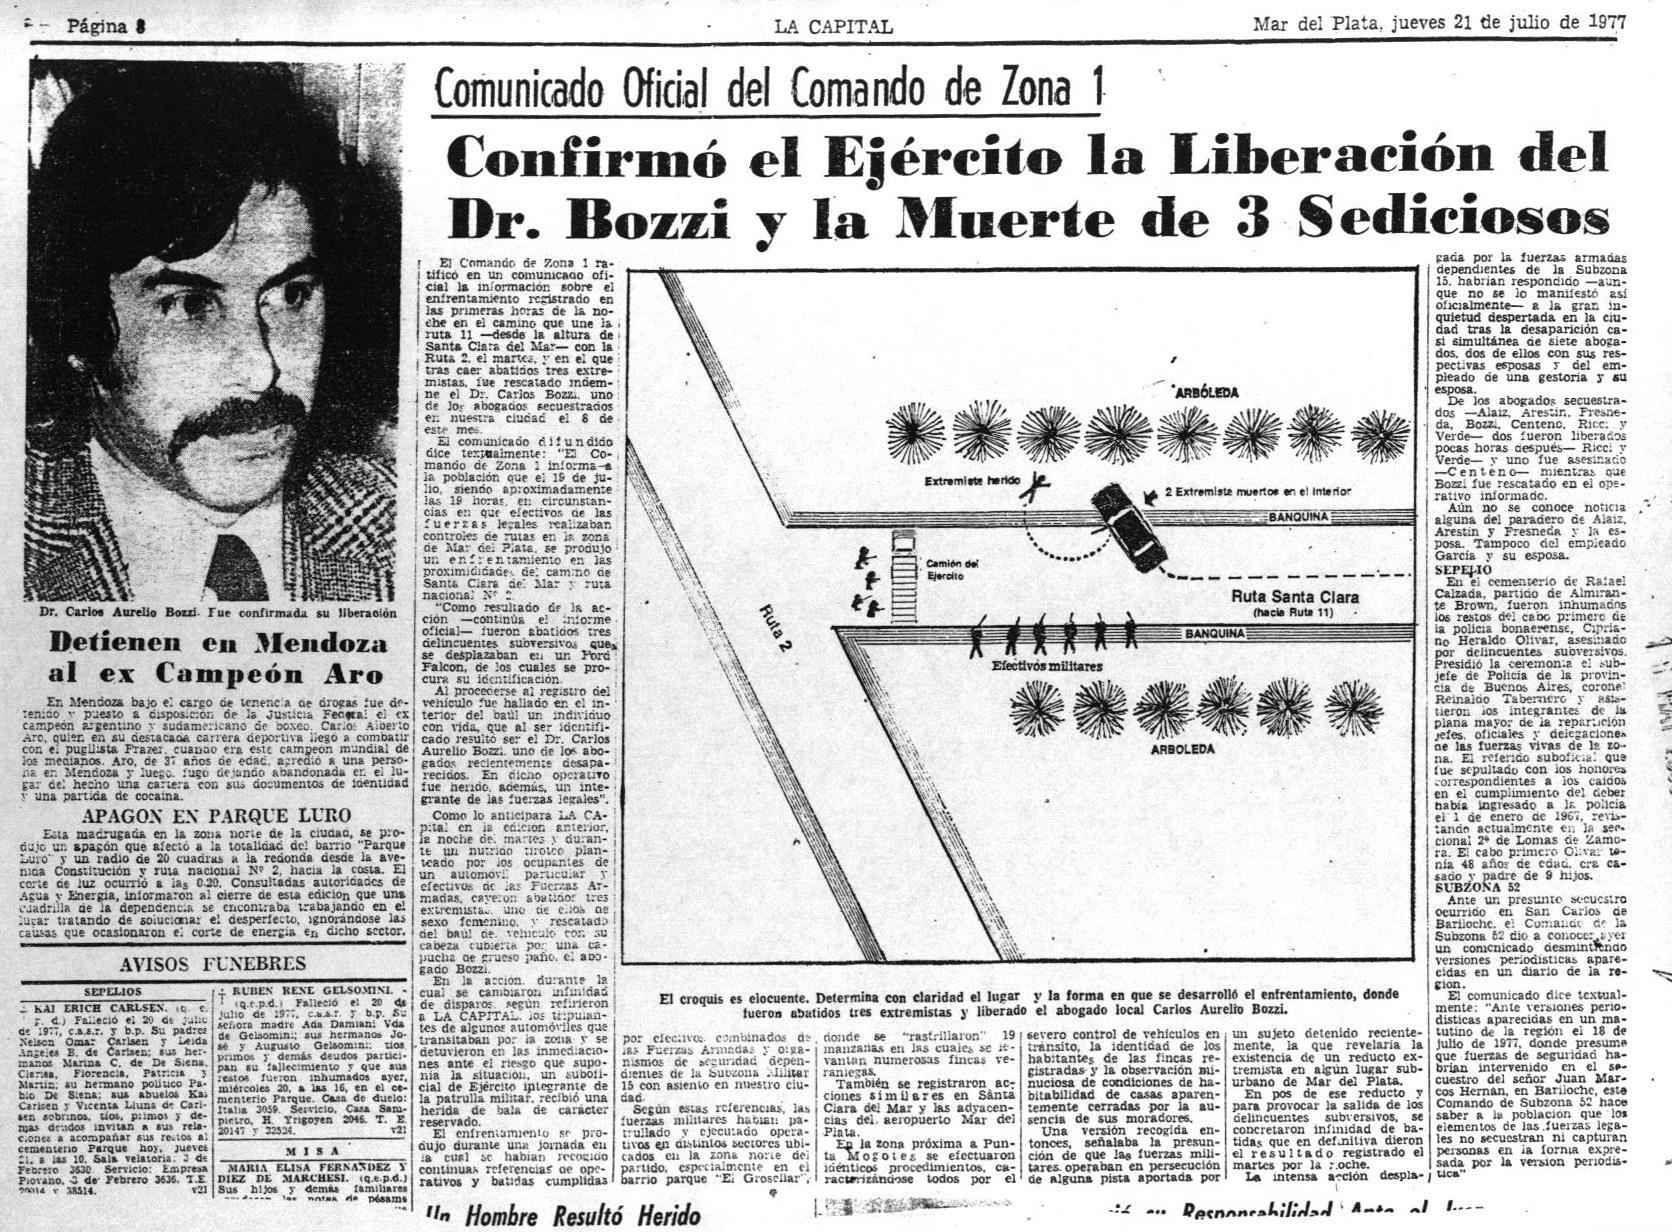 Los militares intentaron responsabilizar a la guerrilla peronista Montoneros por el secuestro de los abogados marplatenses en 1977 (Carlos Bozzi)